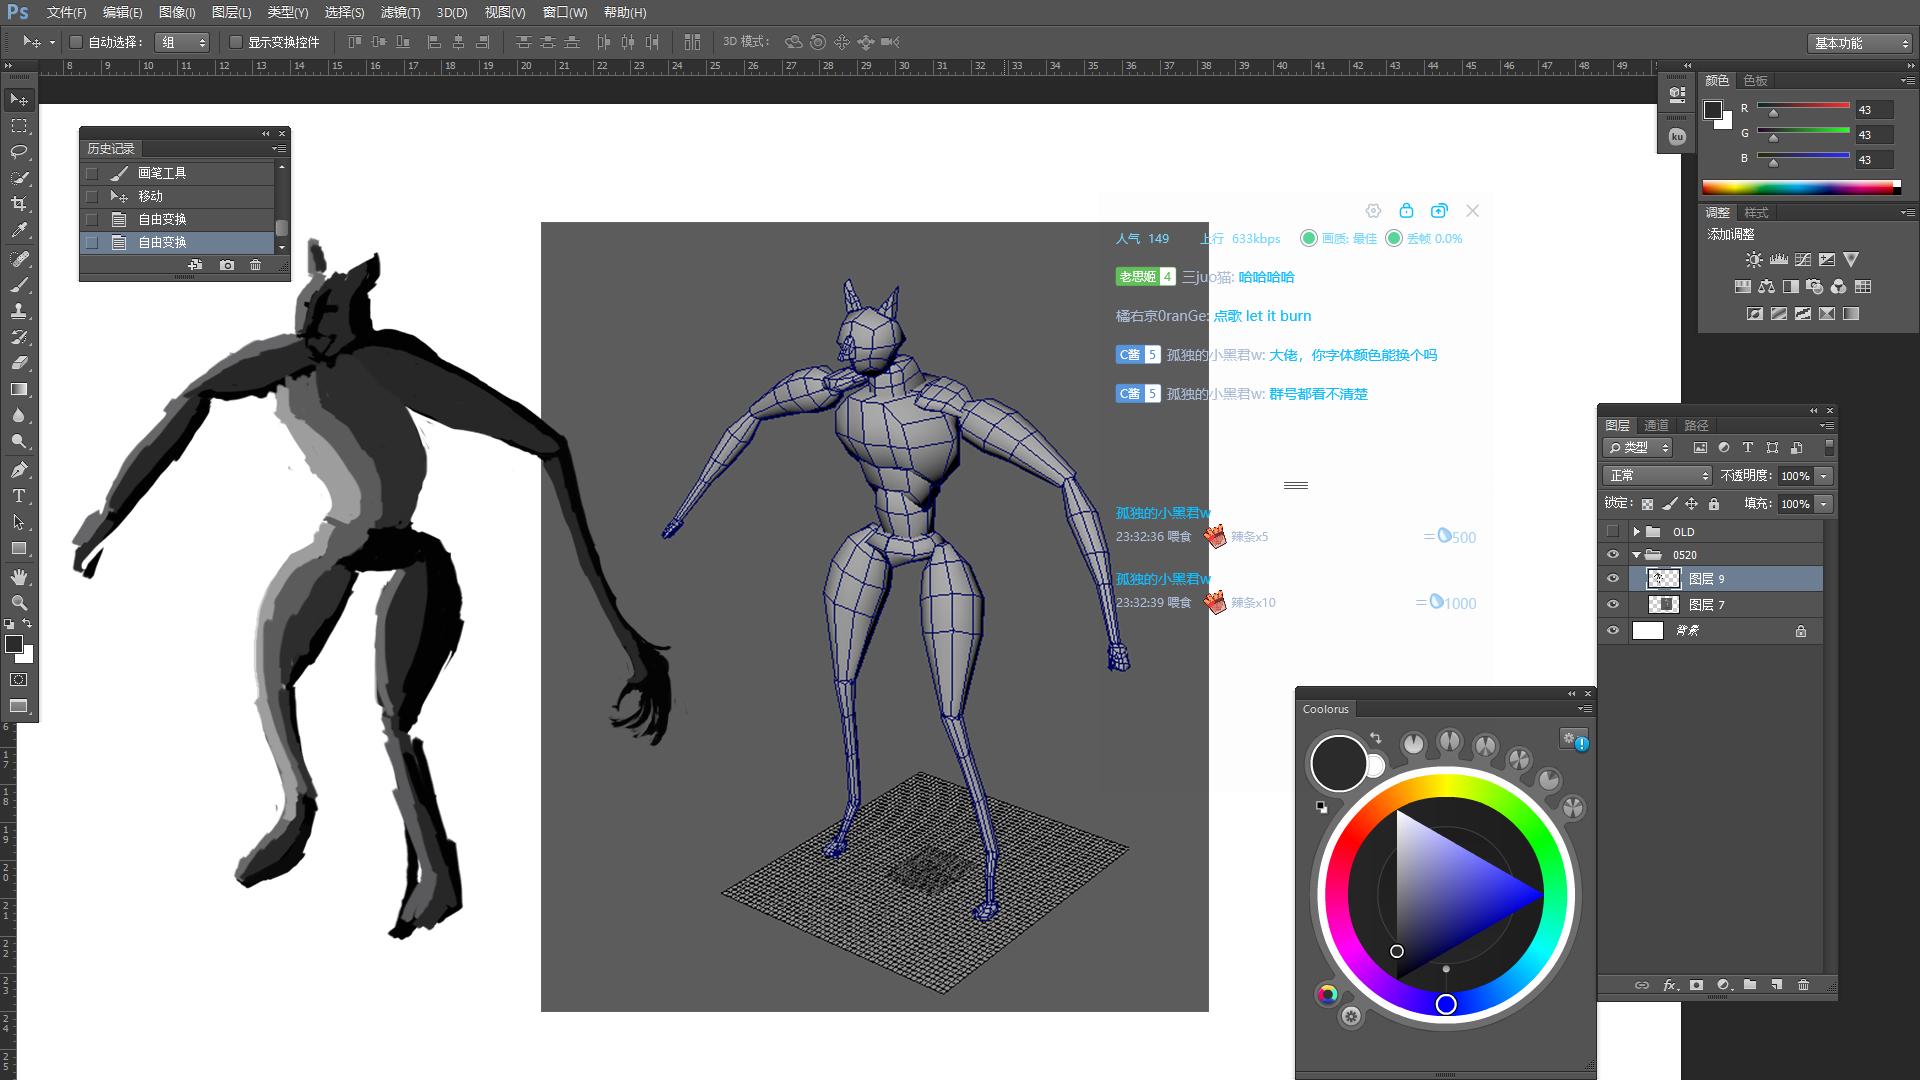 原画及模型设计第二天.png